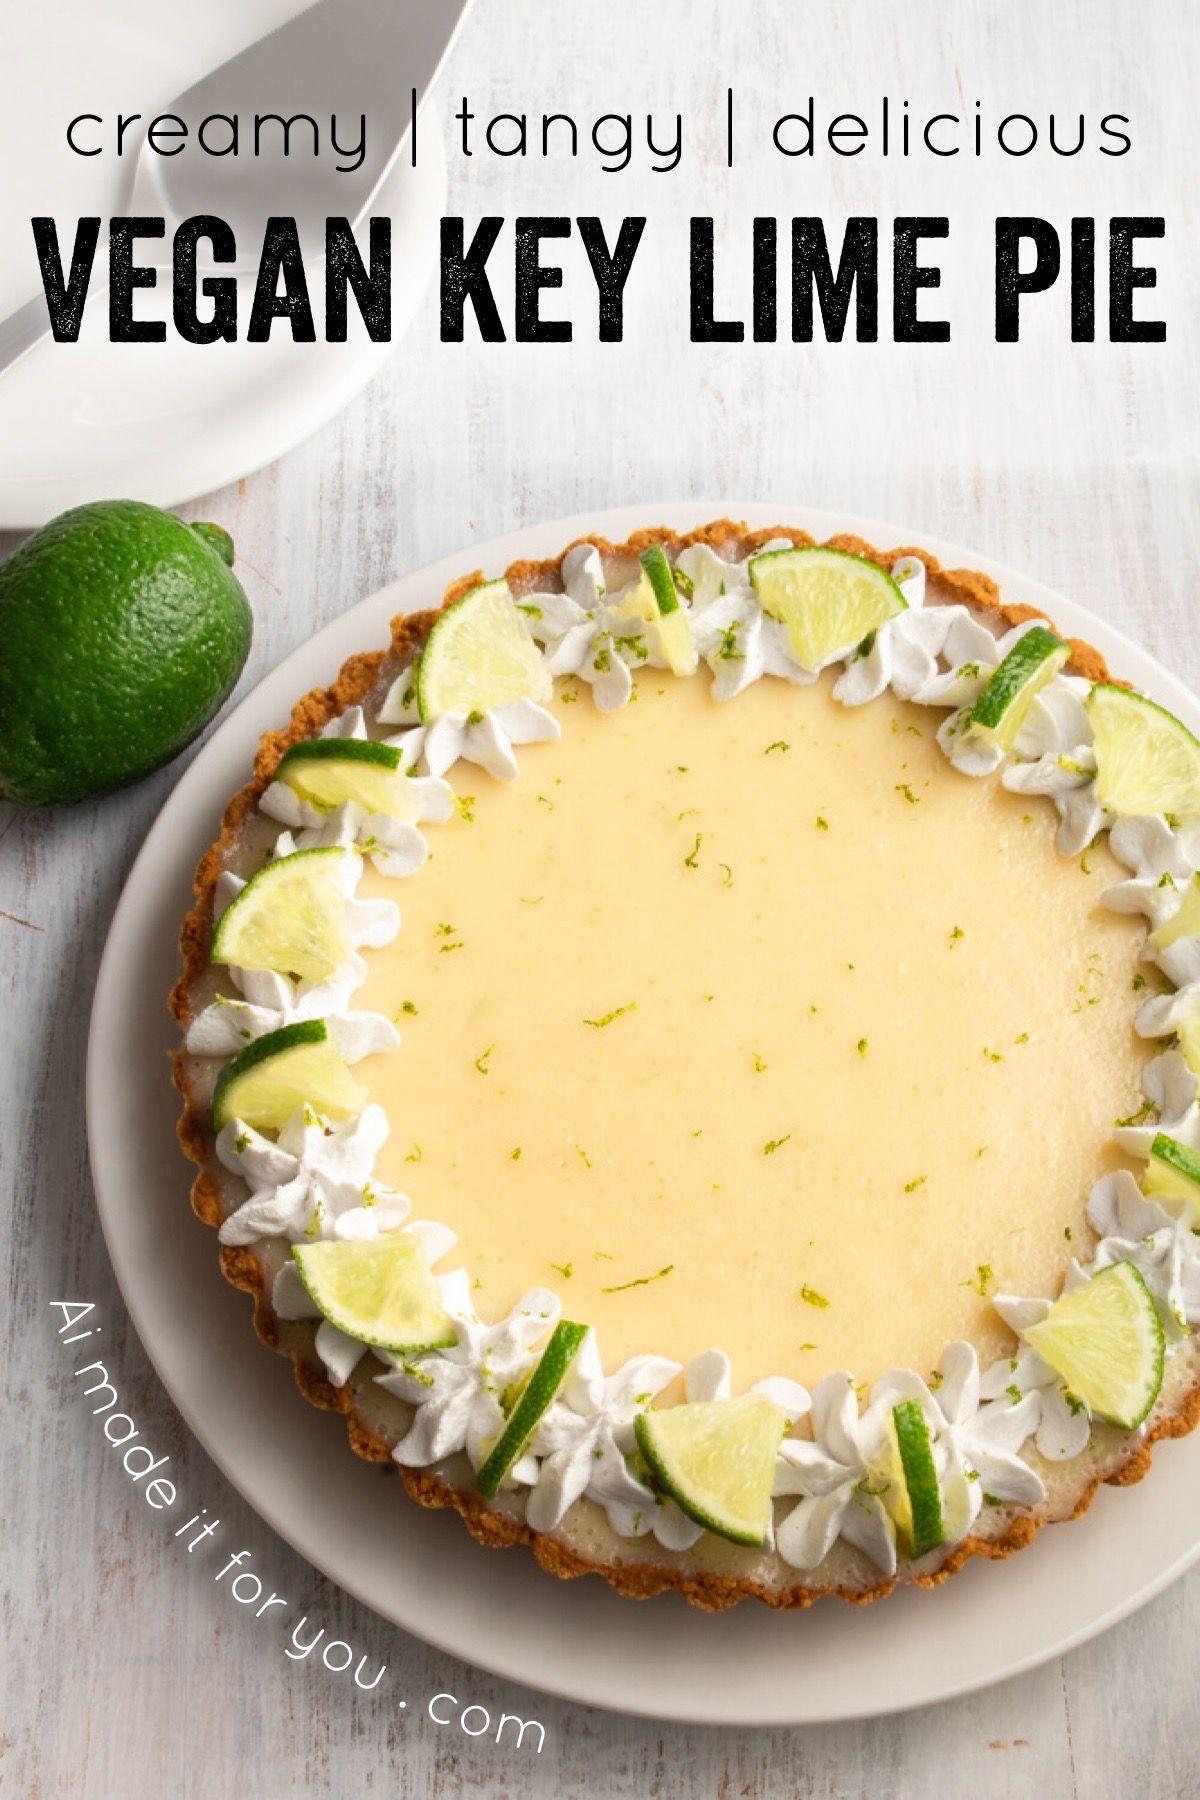 Vegan Key Lime Pie Easy No Bake Recipe Ai Made It For You In 2020 Vegan Key Lime Pie Vegan Key Lime Pie Recipe Vegan Key Lime